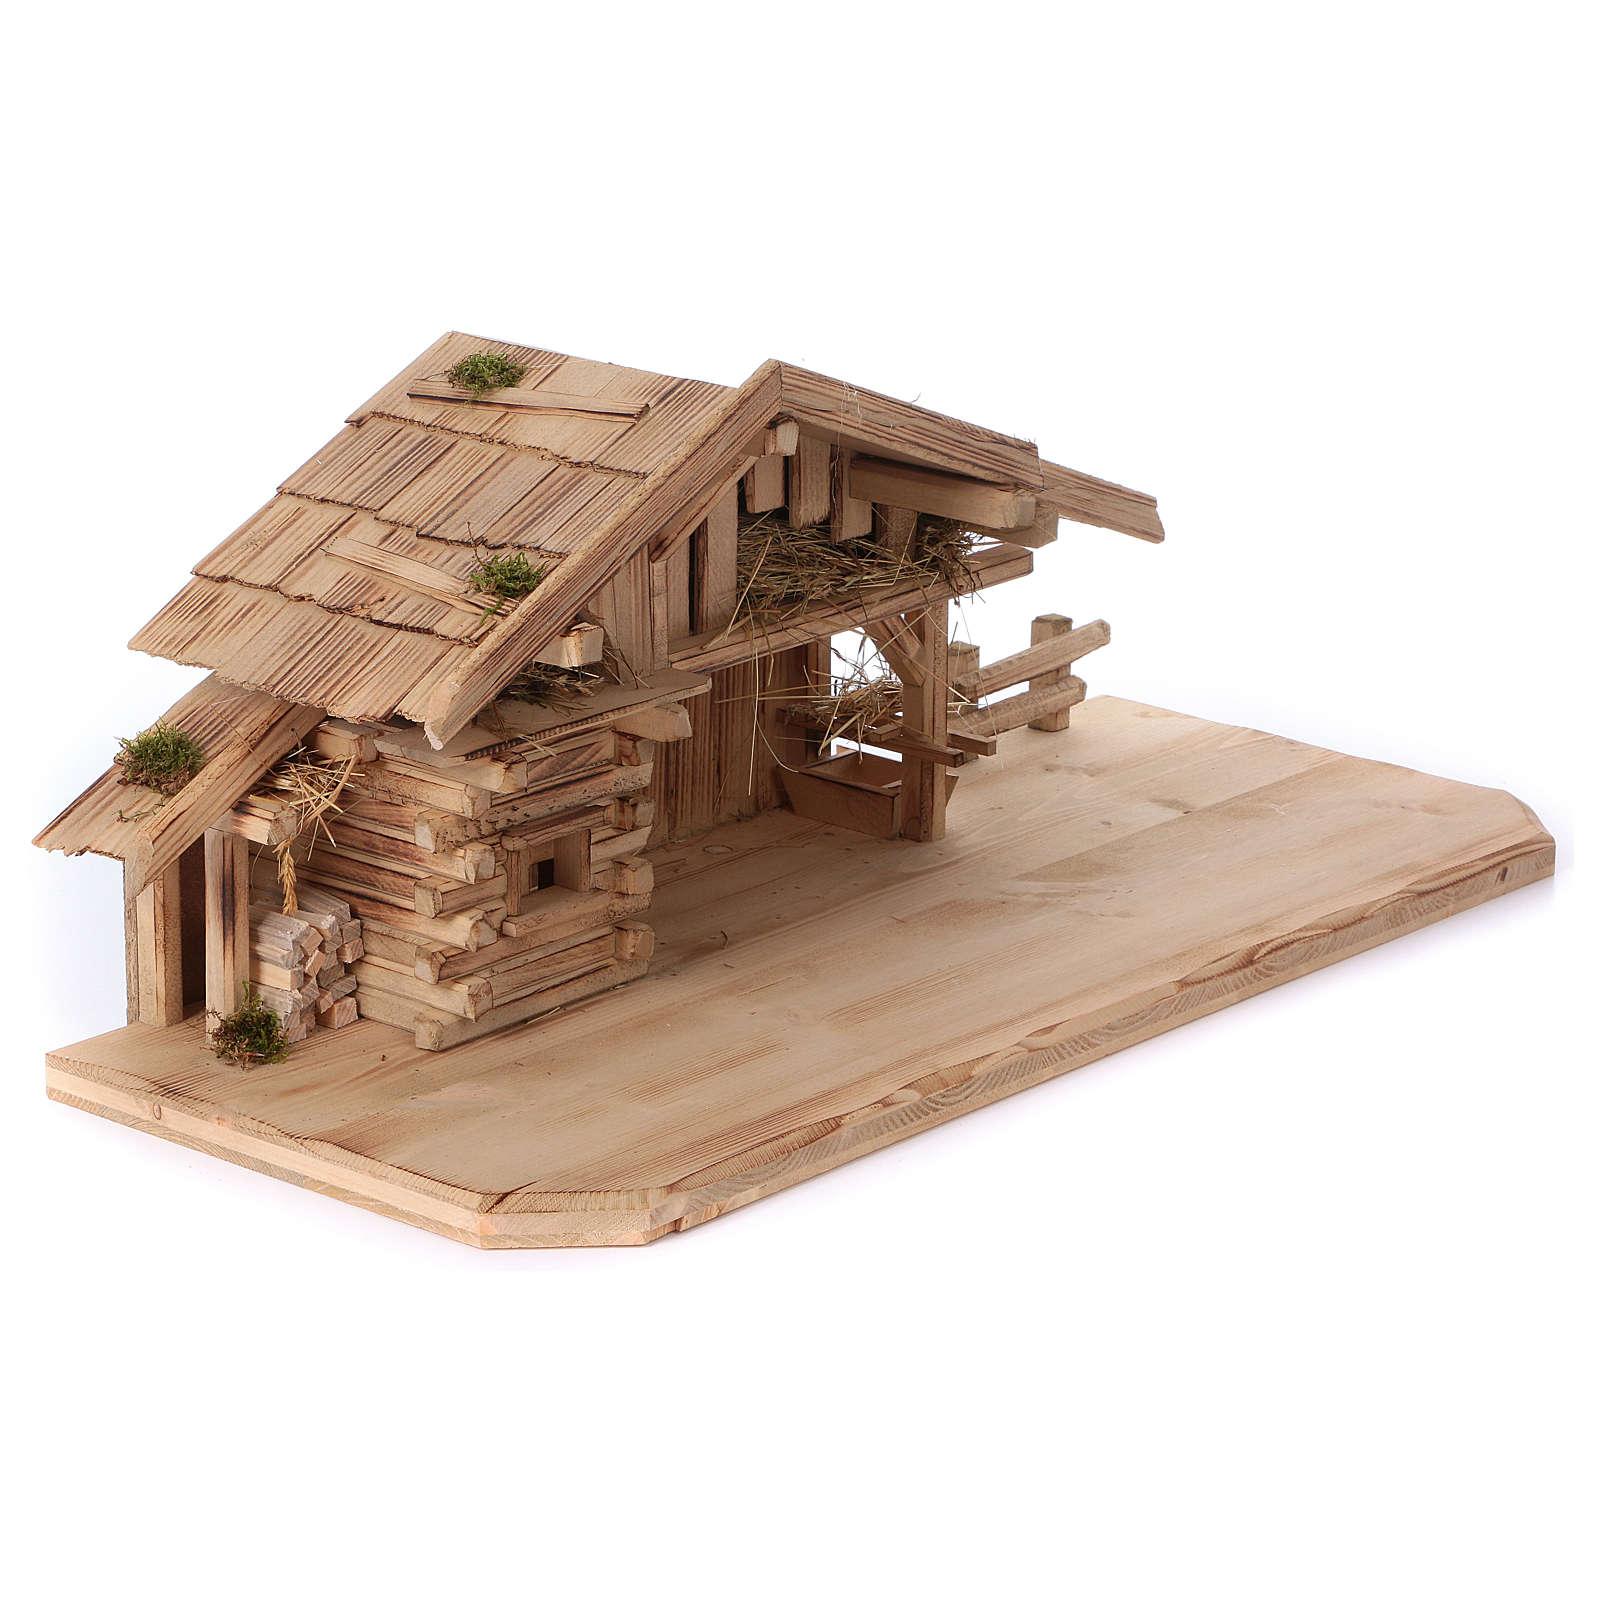 Étable modèle Plosberg en bois pour crèche 9-11 cm 4